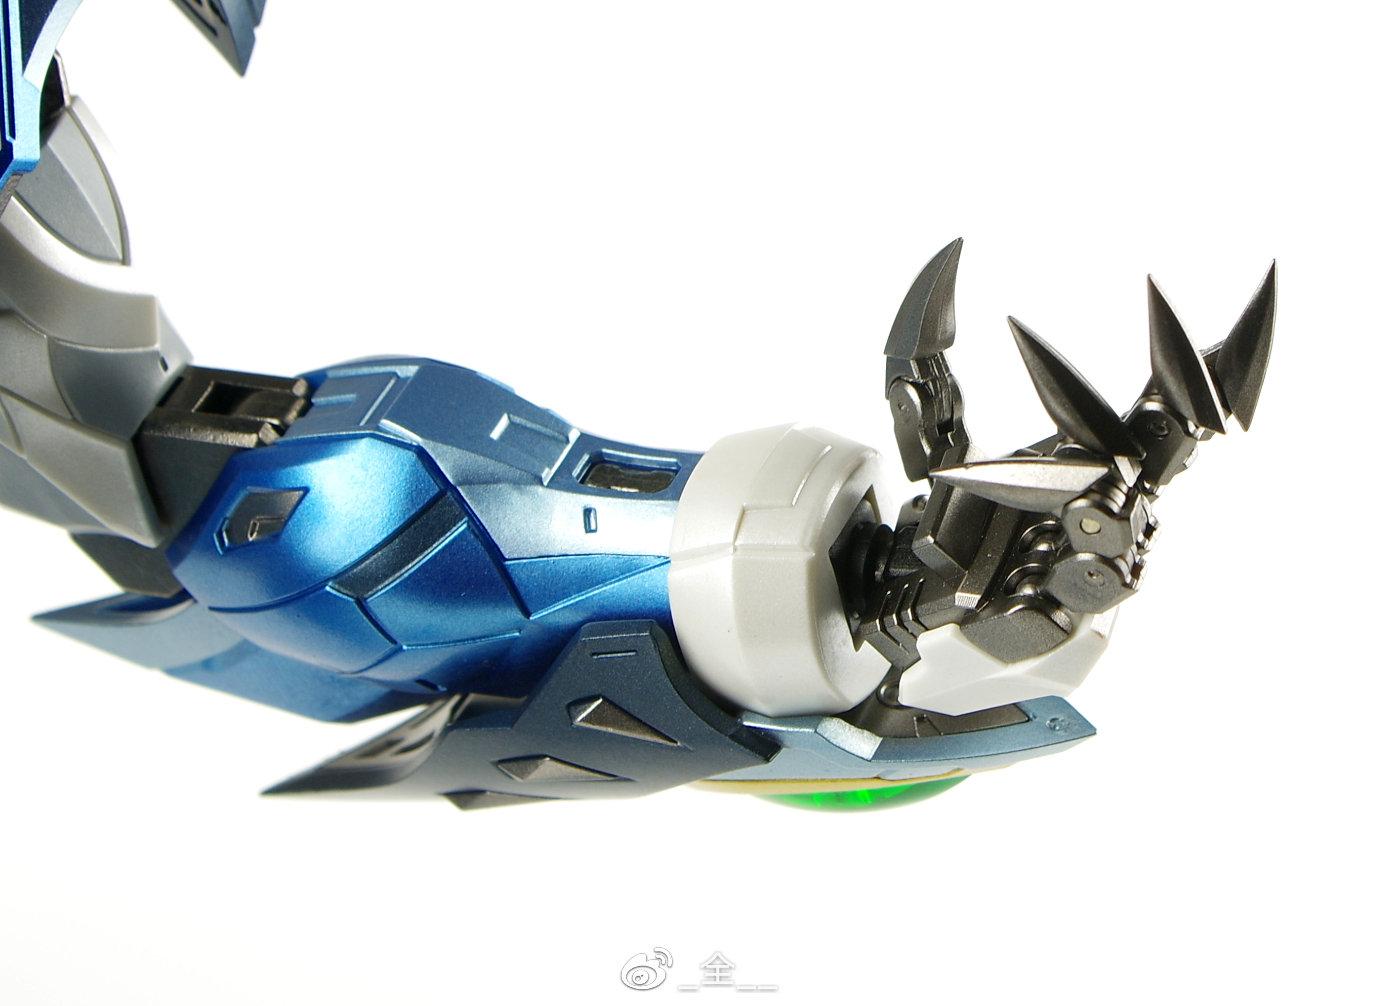 S470_MOTOR_NUCLEAR_MN_Q03_blue_gragon_ao_bing_di_hui_xing_han_long_zi_040.jpg